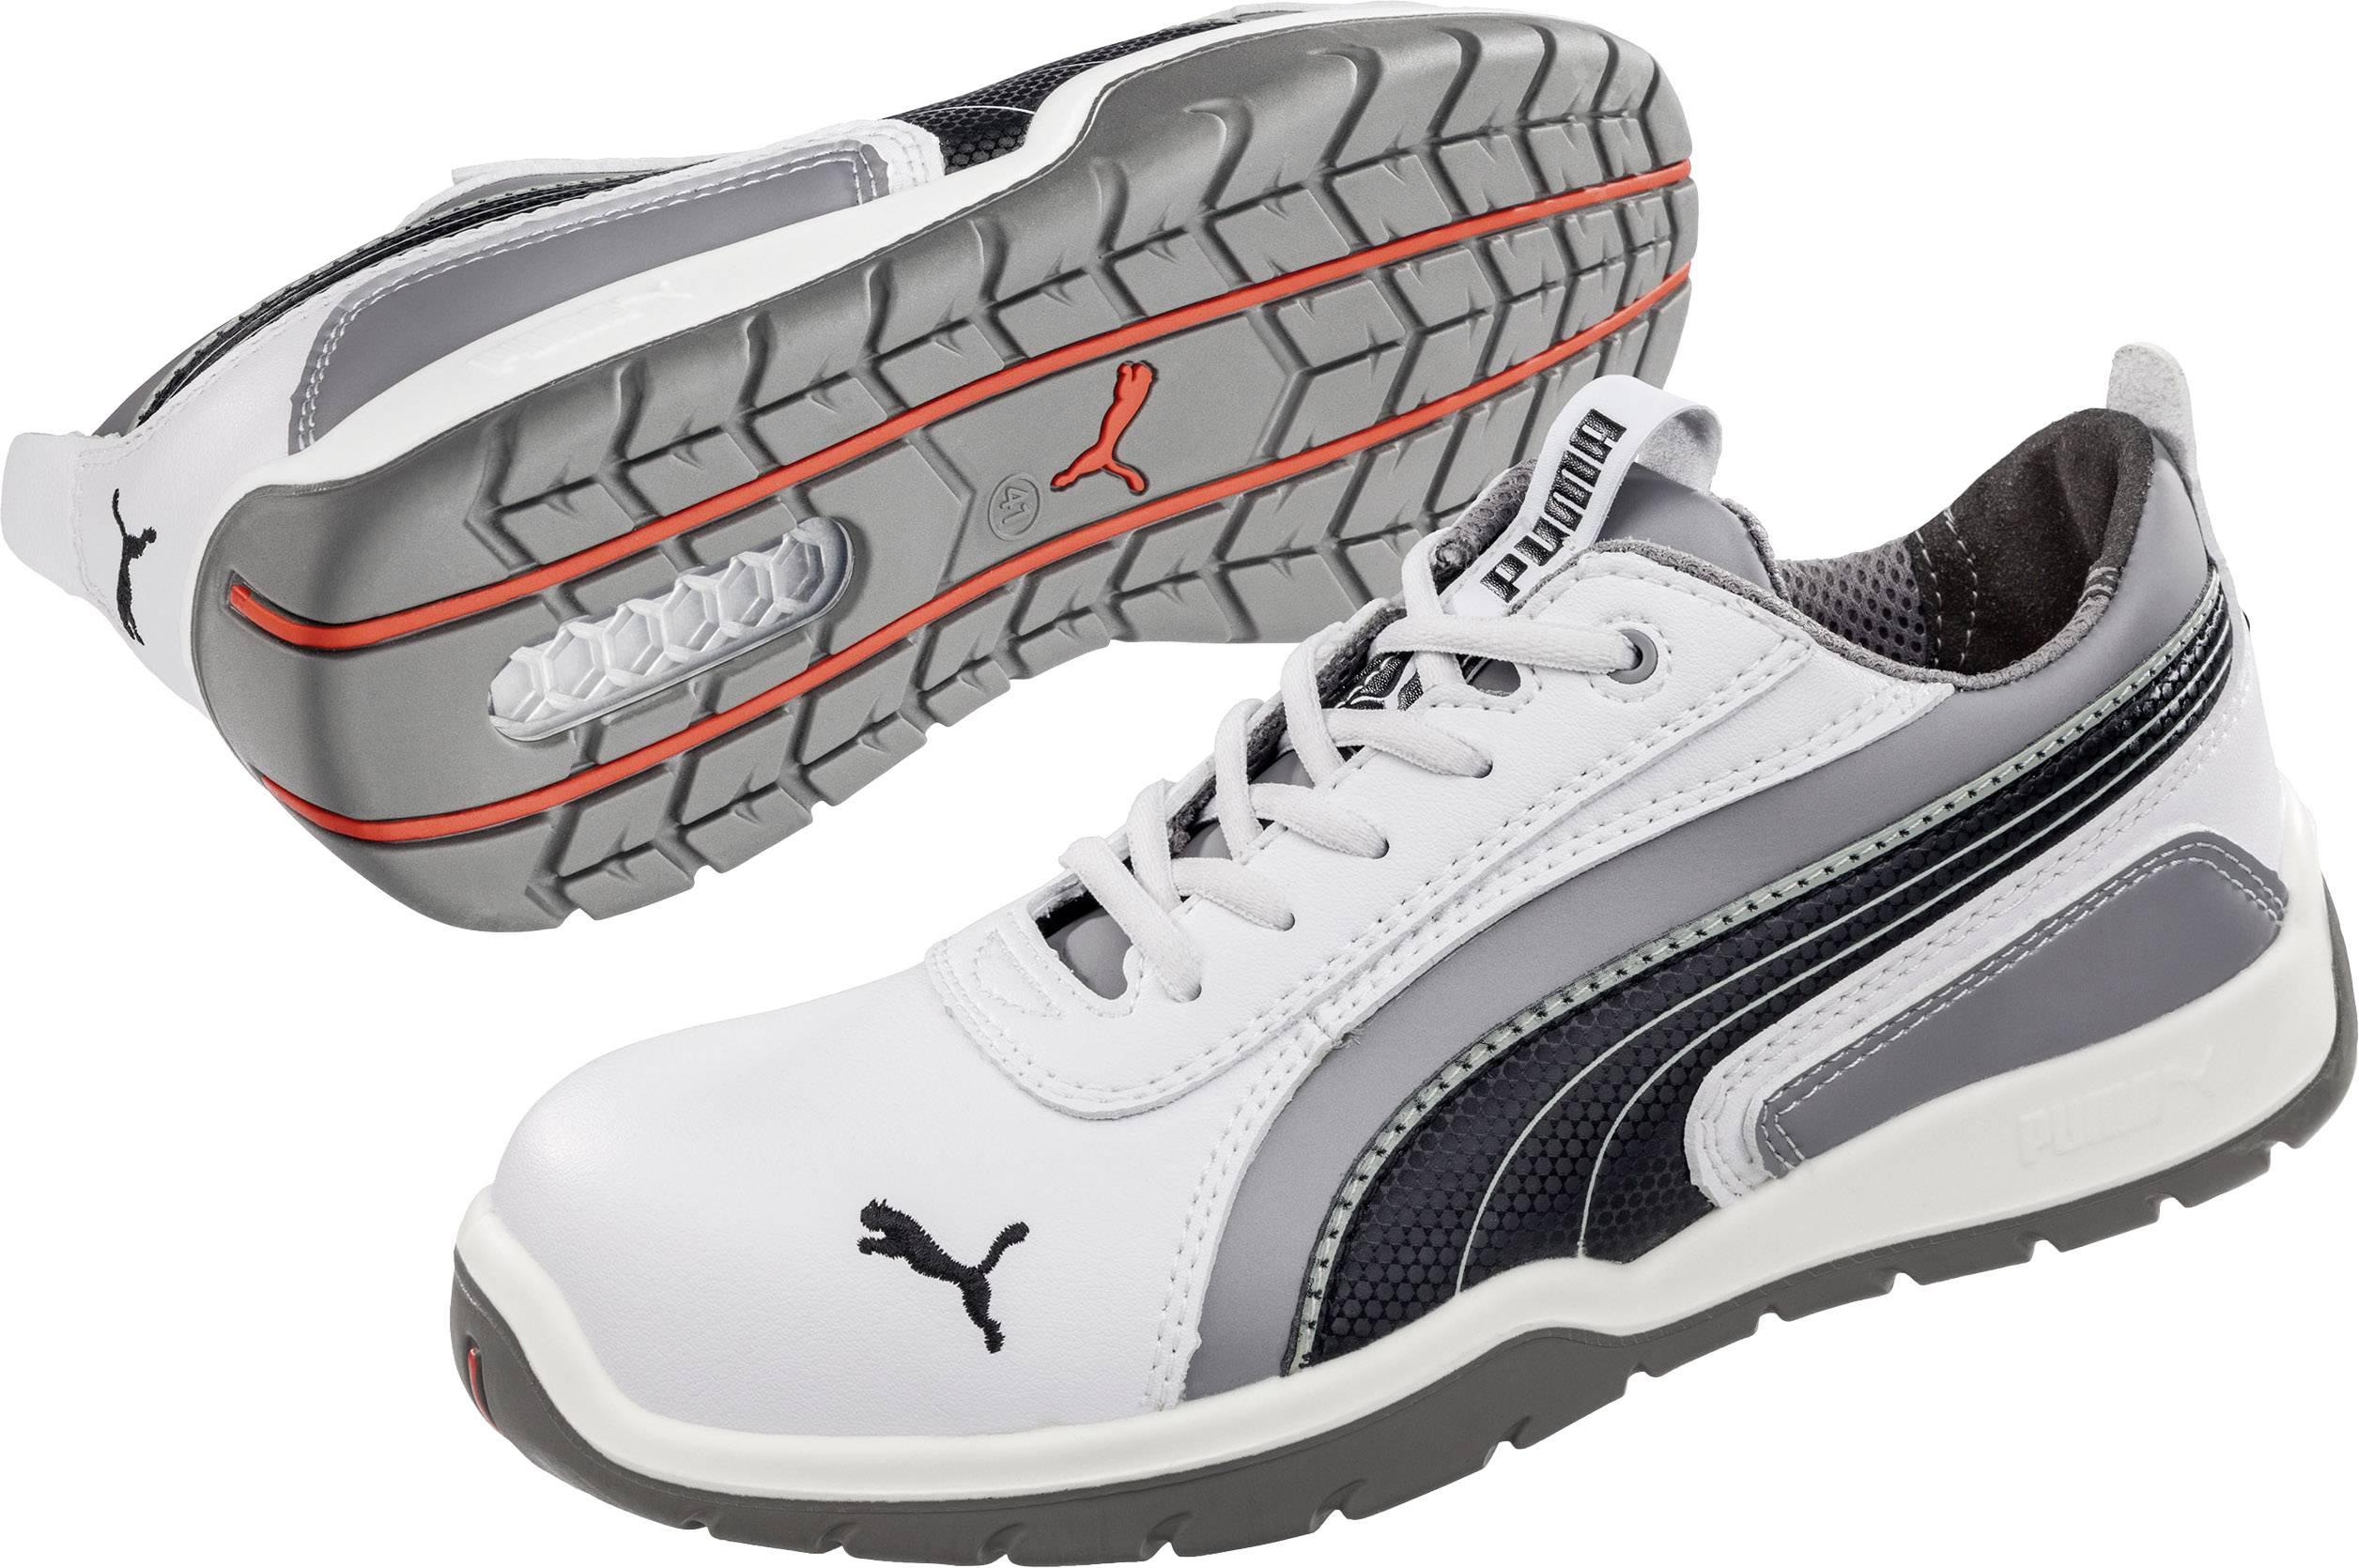 Bezpečnostná obuv S3 PUMA Safety Monaco Low 642650, veľ.: 39, biela, sivá, 1 pár